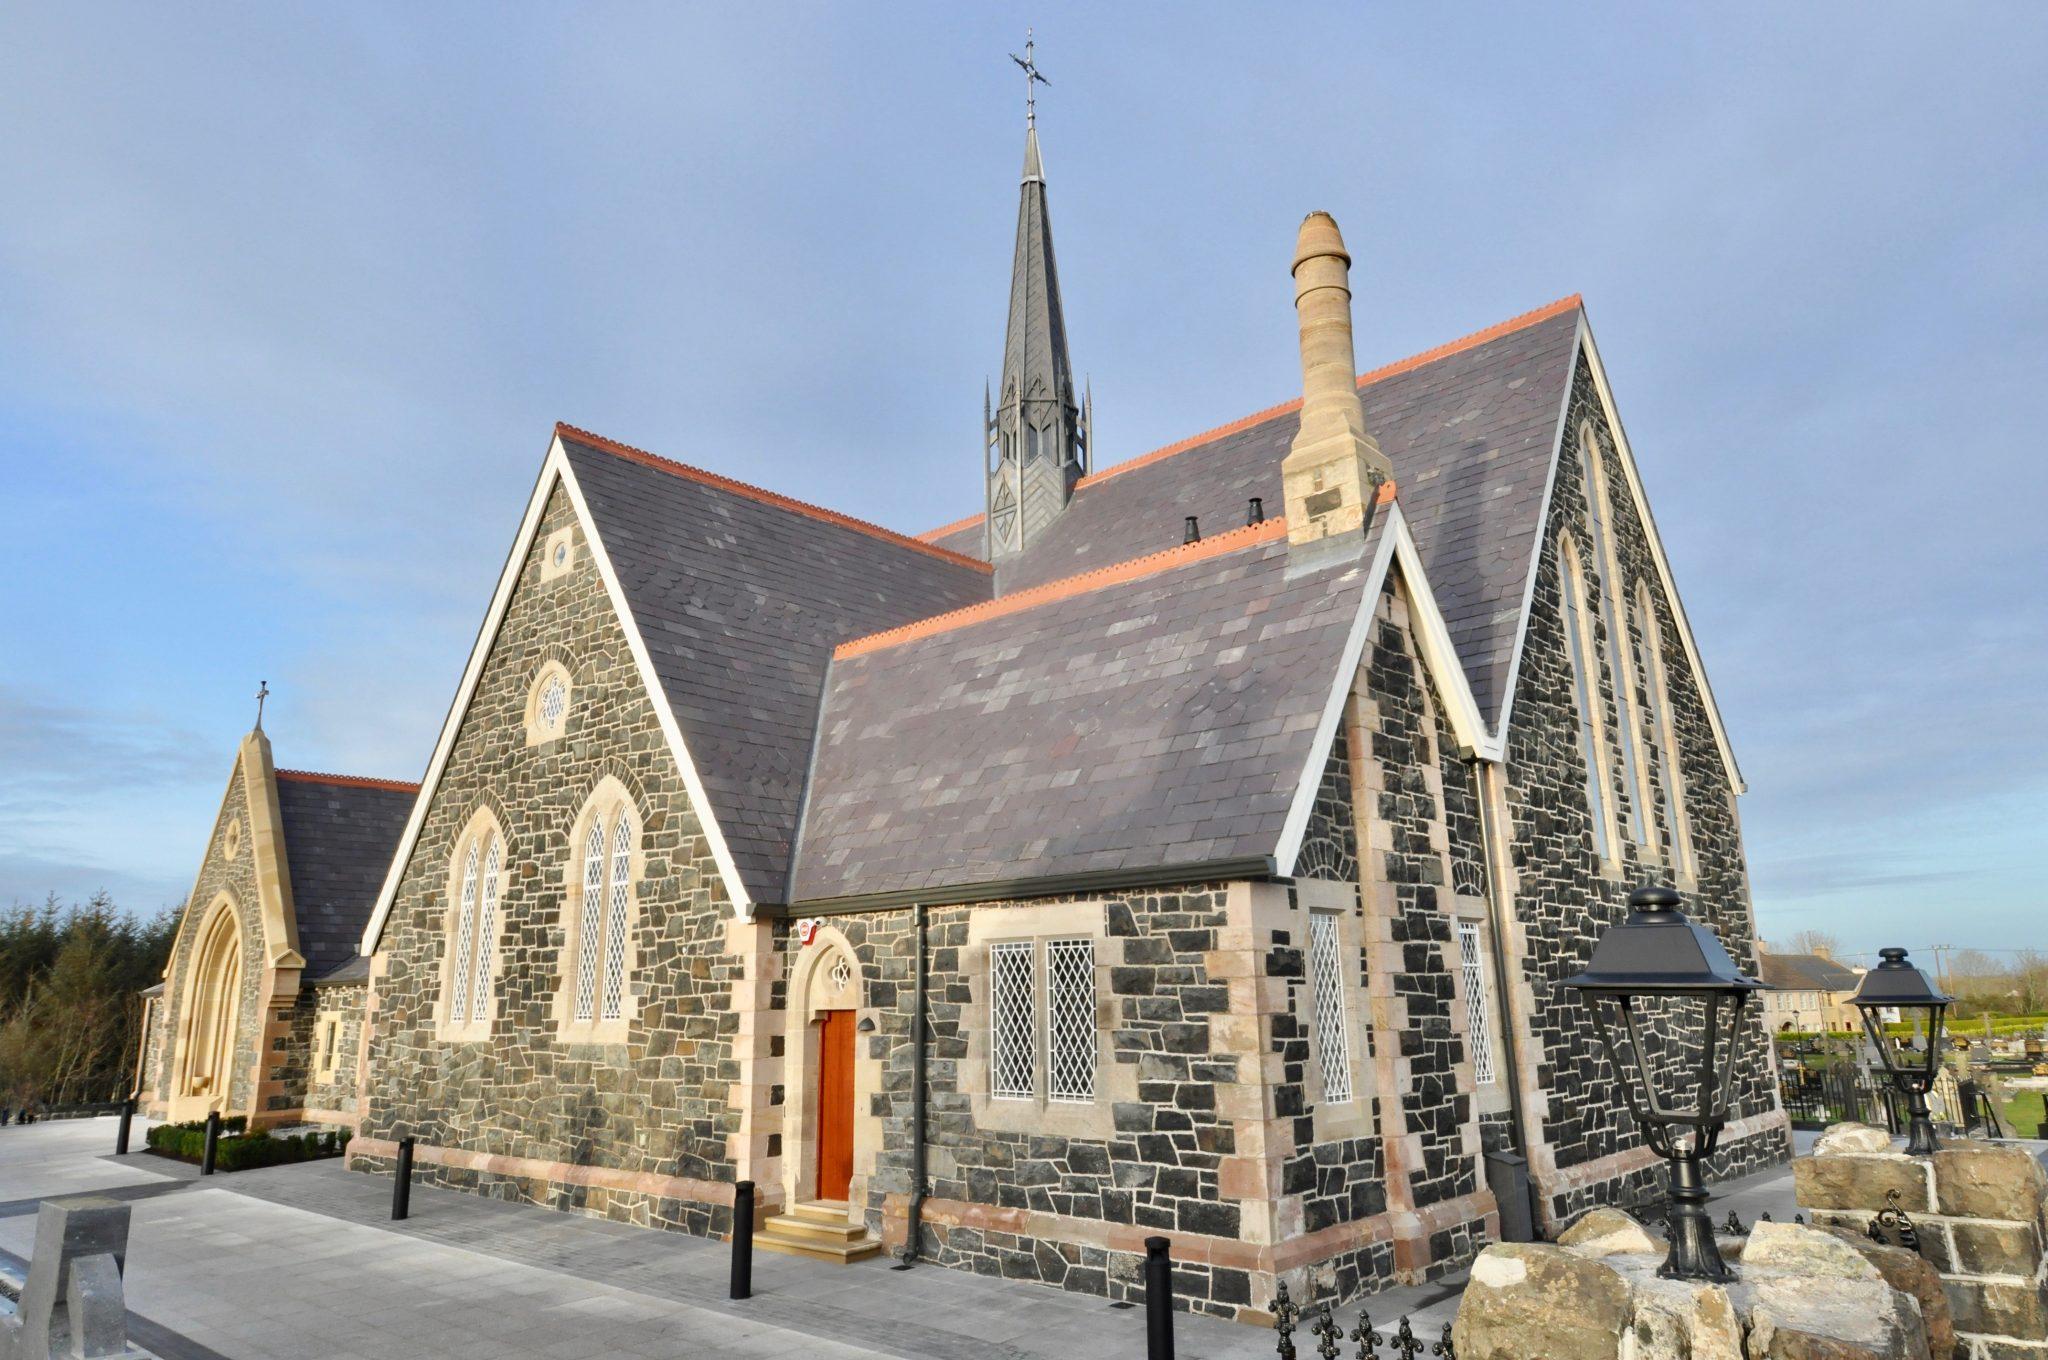 St Marys Church Lavey Exterior